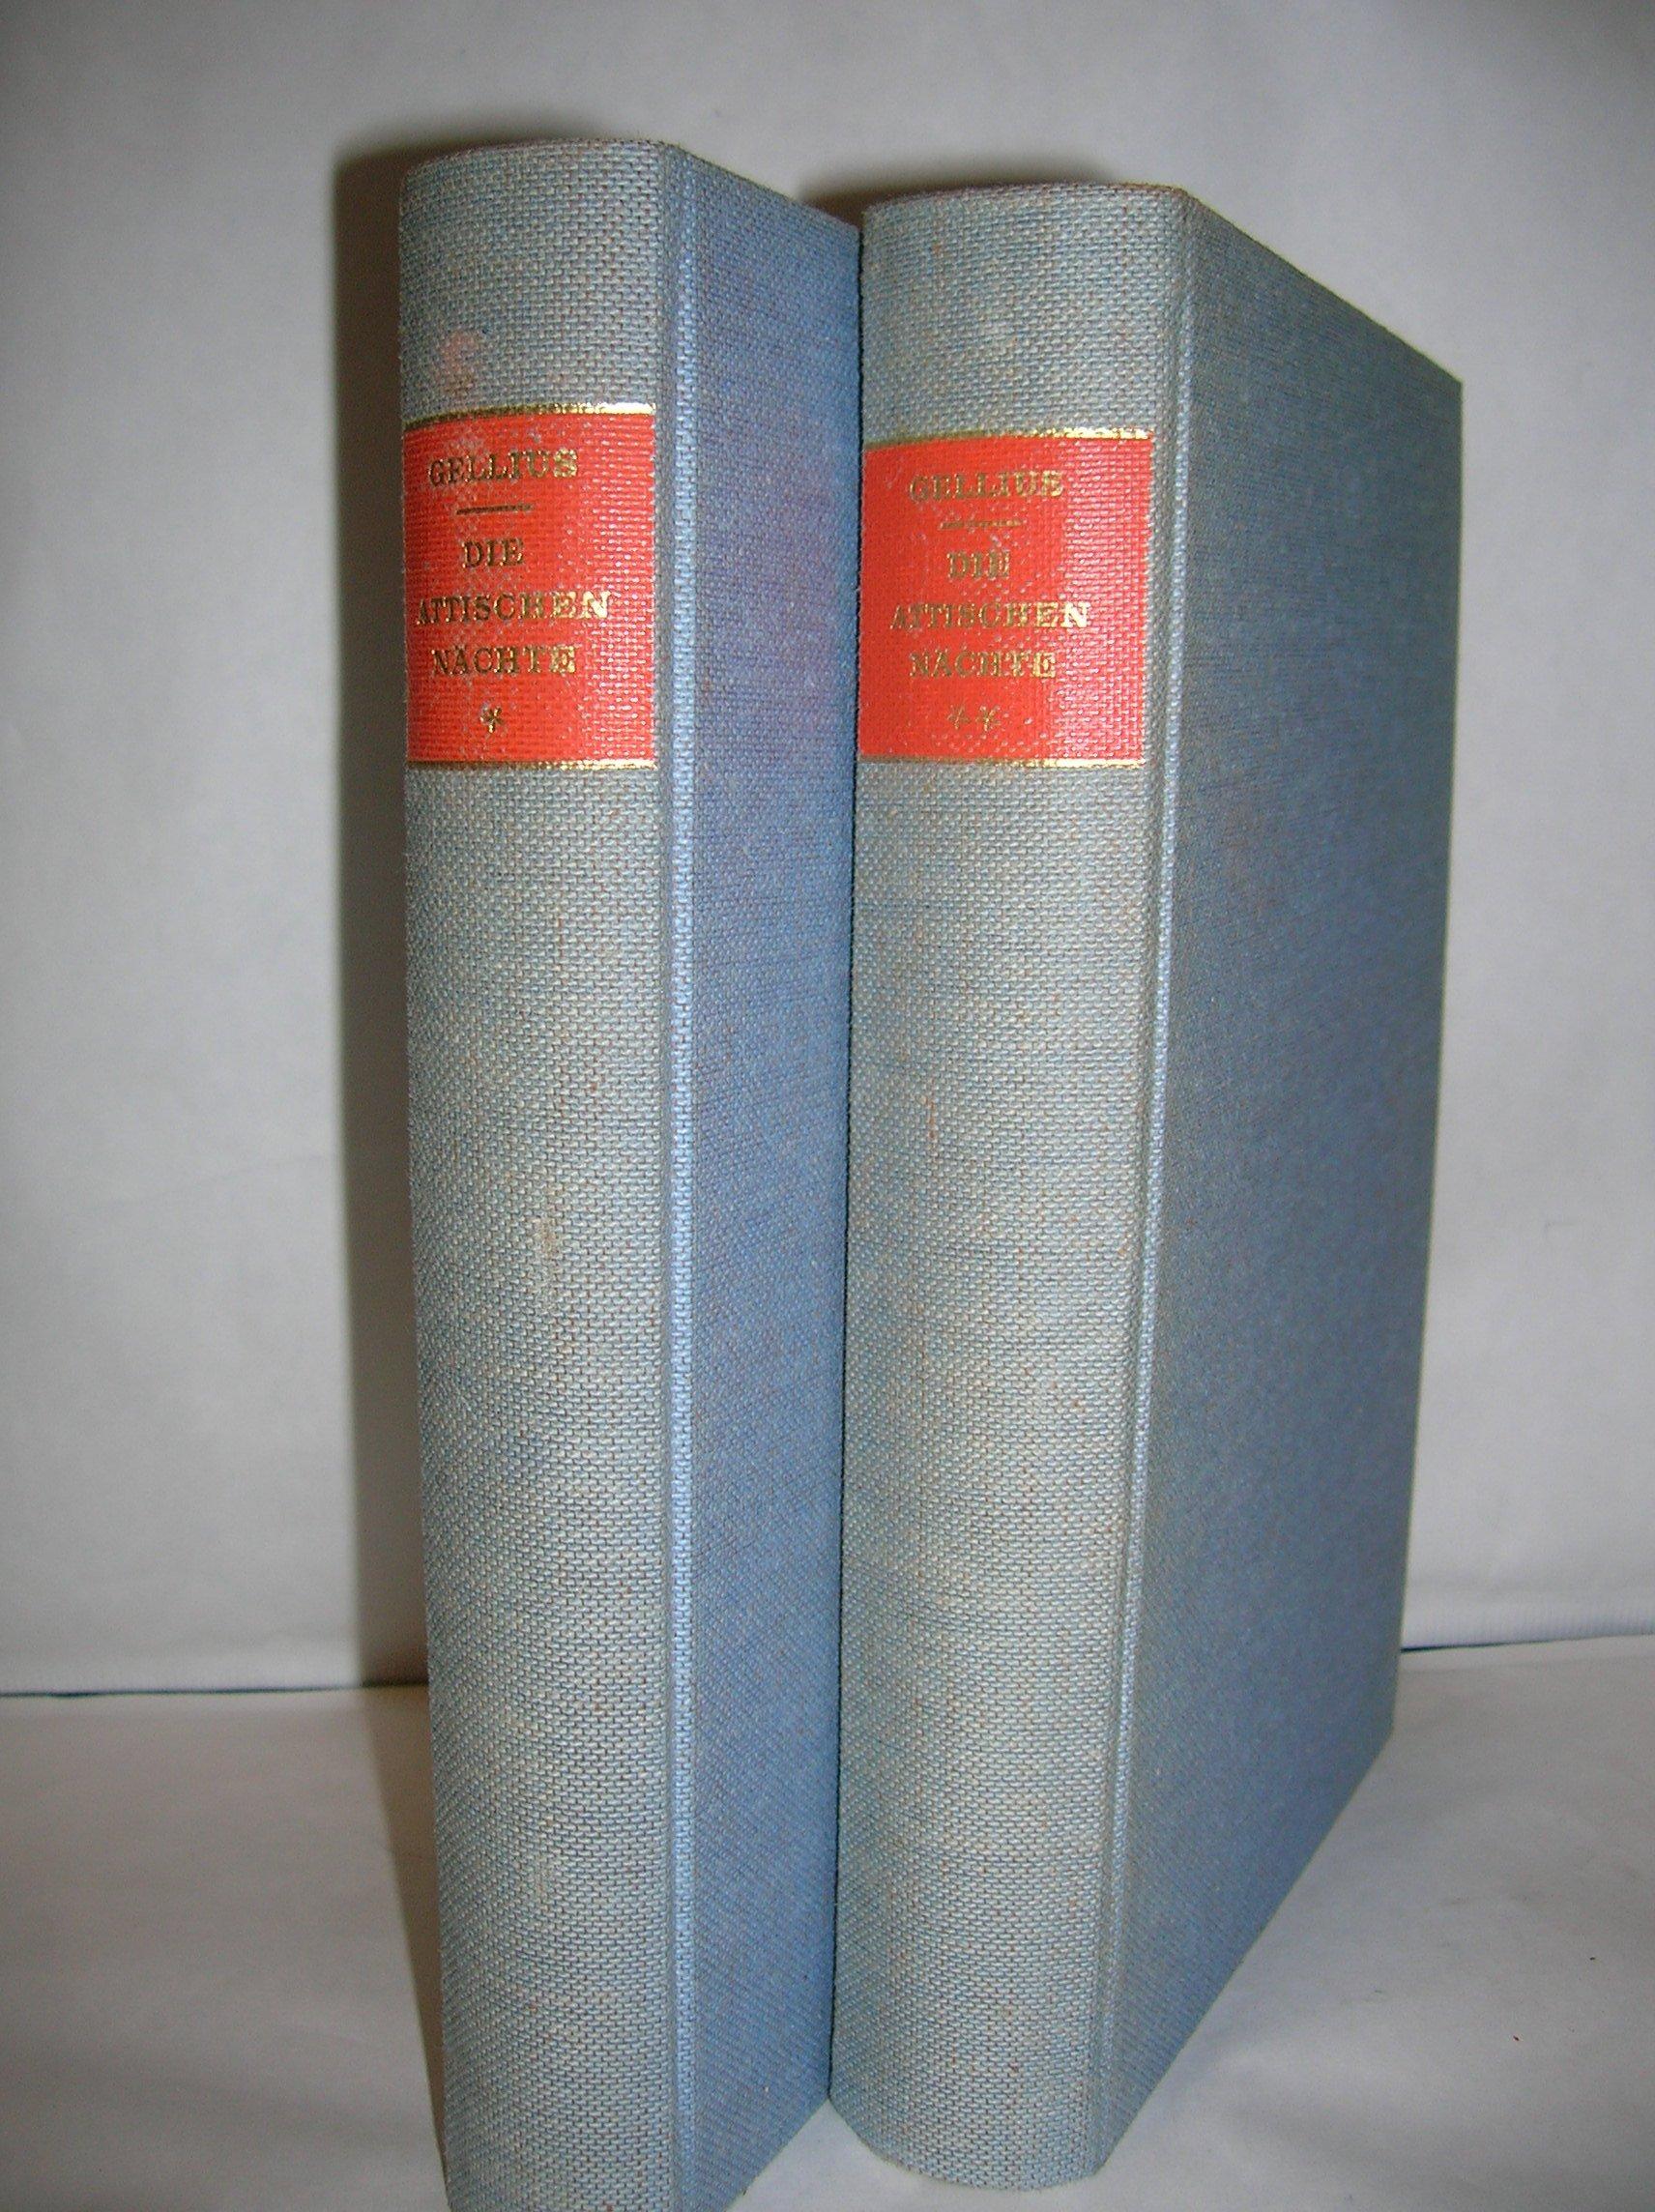 Die attischen Nächte: Band 1: I.-VIII. Buch. Band 2: IX.-XX. Buch (Bibliothek klassischer Texte)